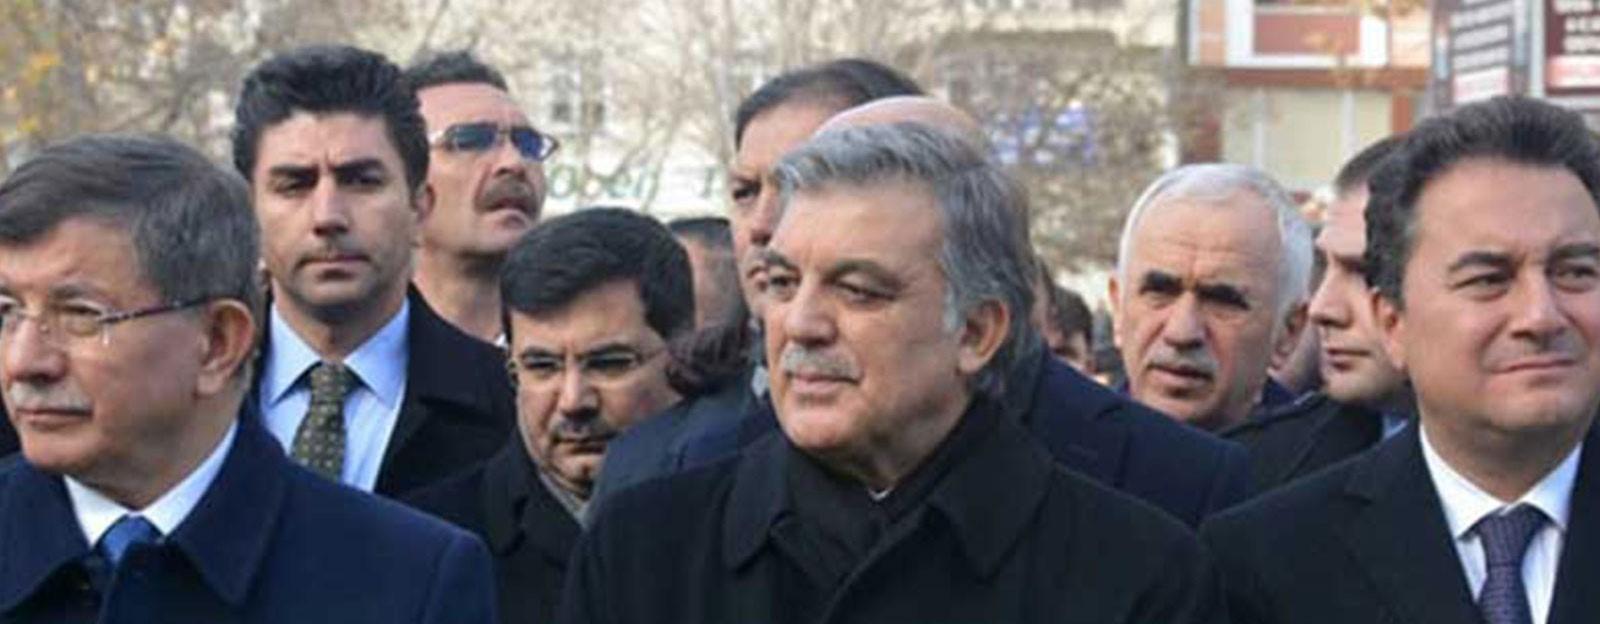 """Türkiye'de İslamcılarda İngiliz ilişkisi! Babacan'ın partisi """"Liberal Demokrat"""" olacak! /Ömür Çelikdönmez"""